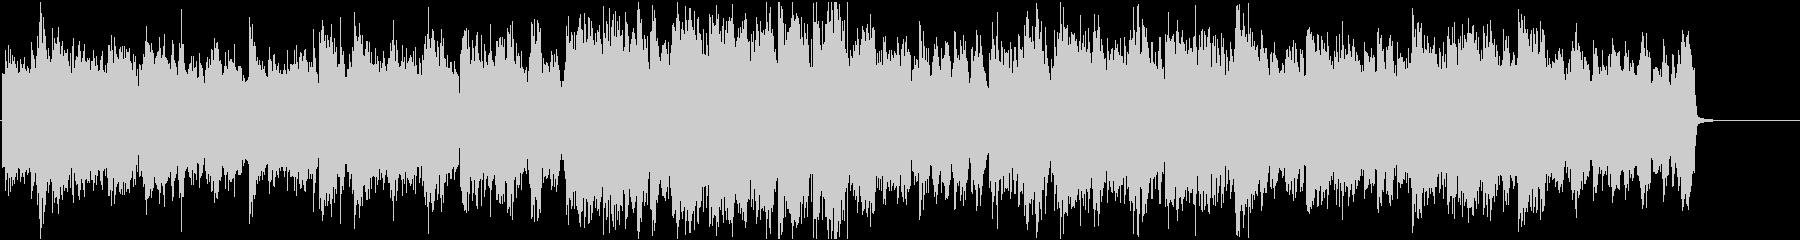 ピアノによる洗練された美(ピアノソロ版)の未再生の波形